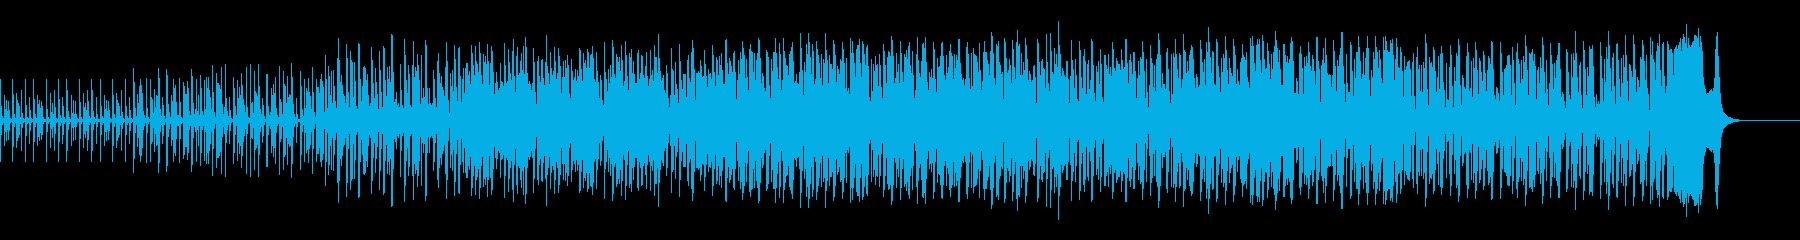 和風お囃子風=鳴物のみ→笛、鼓、琵琶、鈴の再生済みの波形